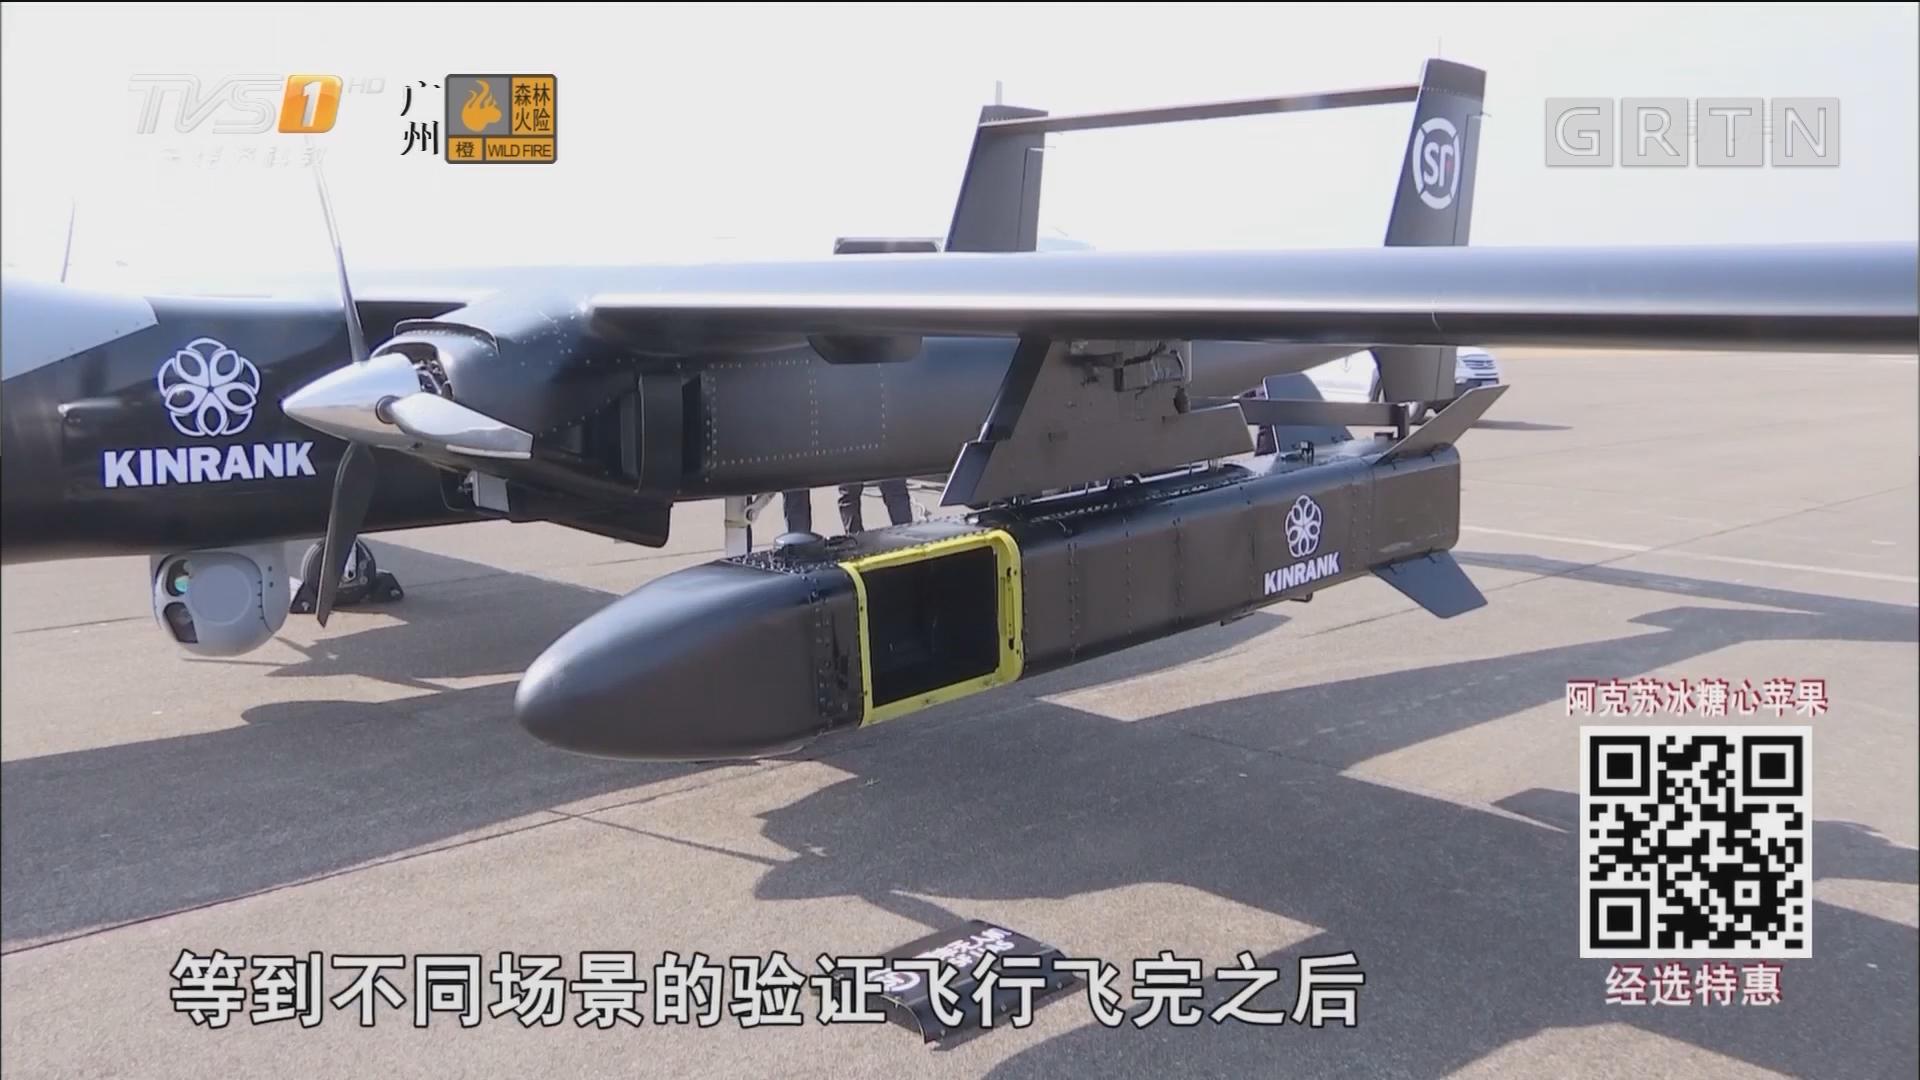 全球最大物流无人飞机正式诞生 未来可用于应急物流